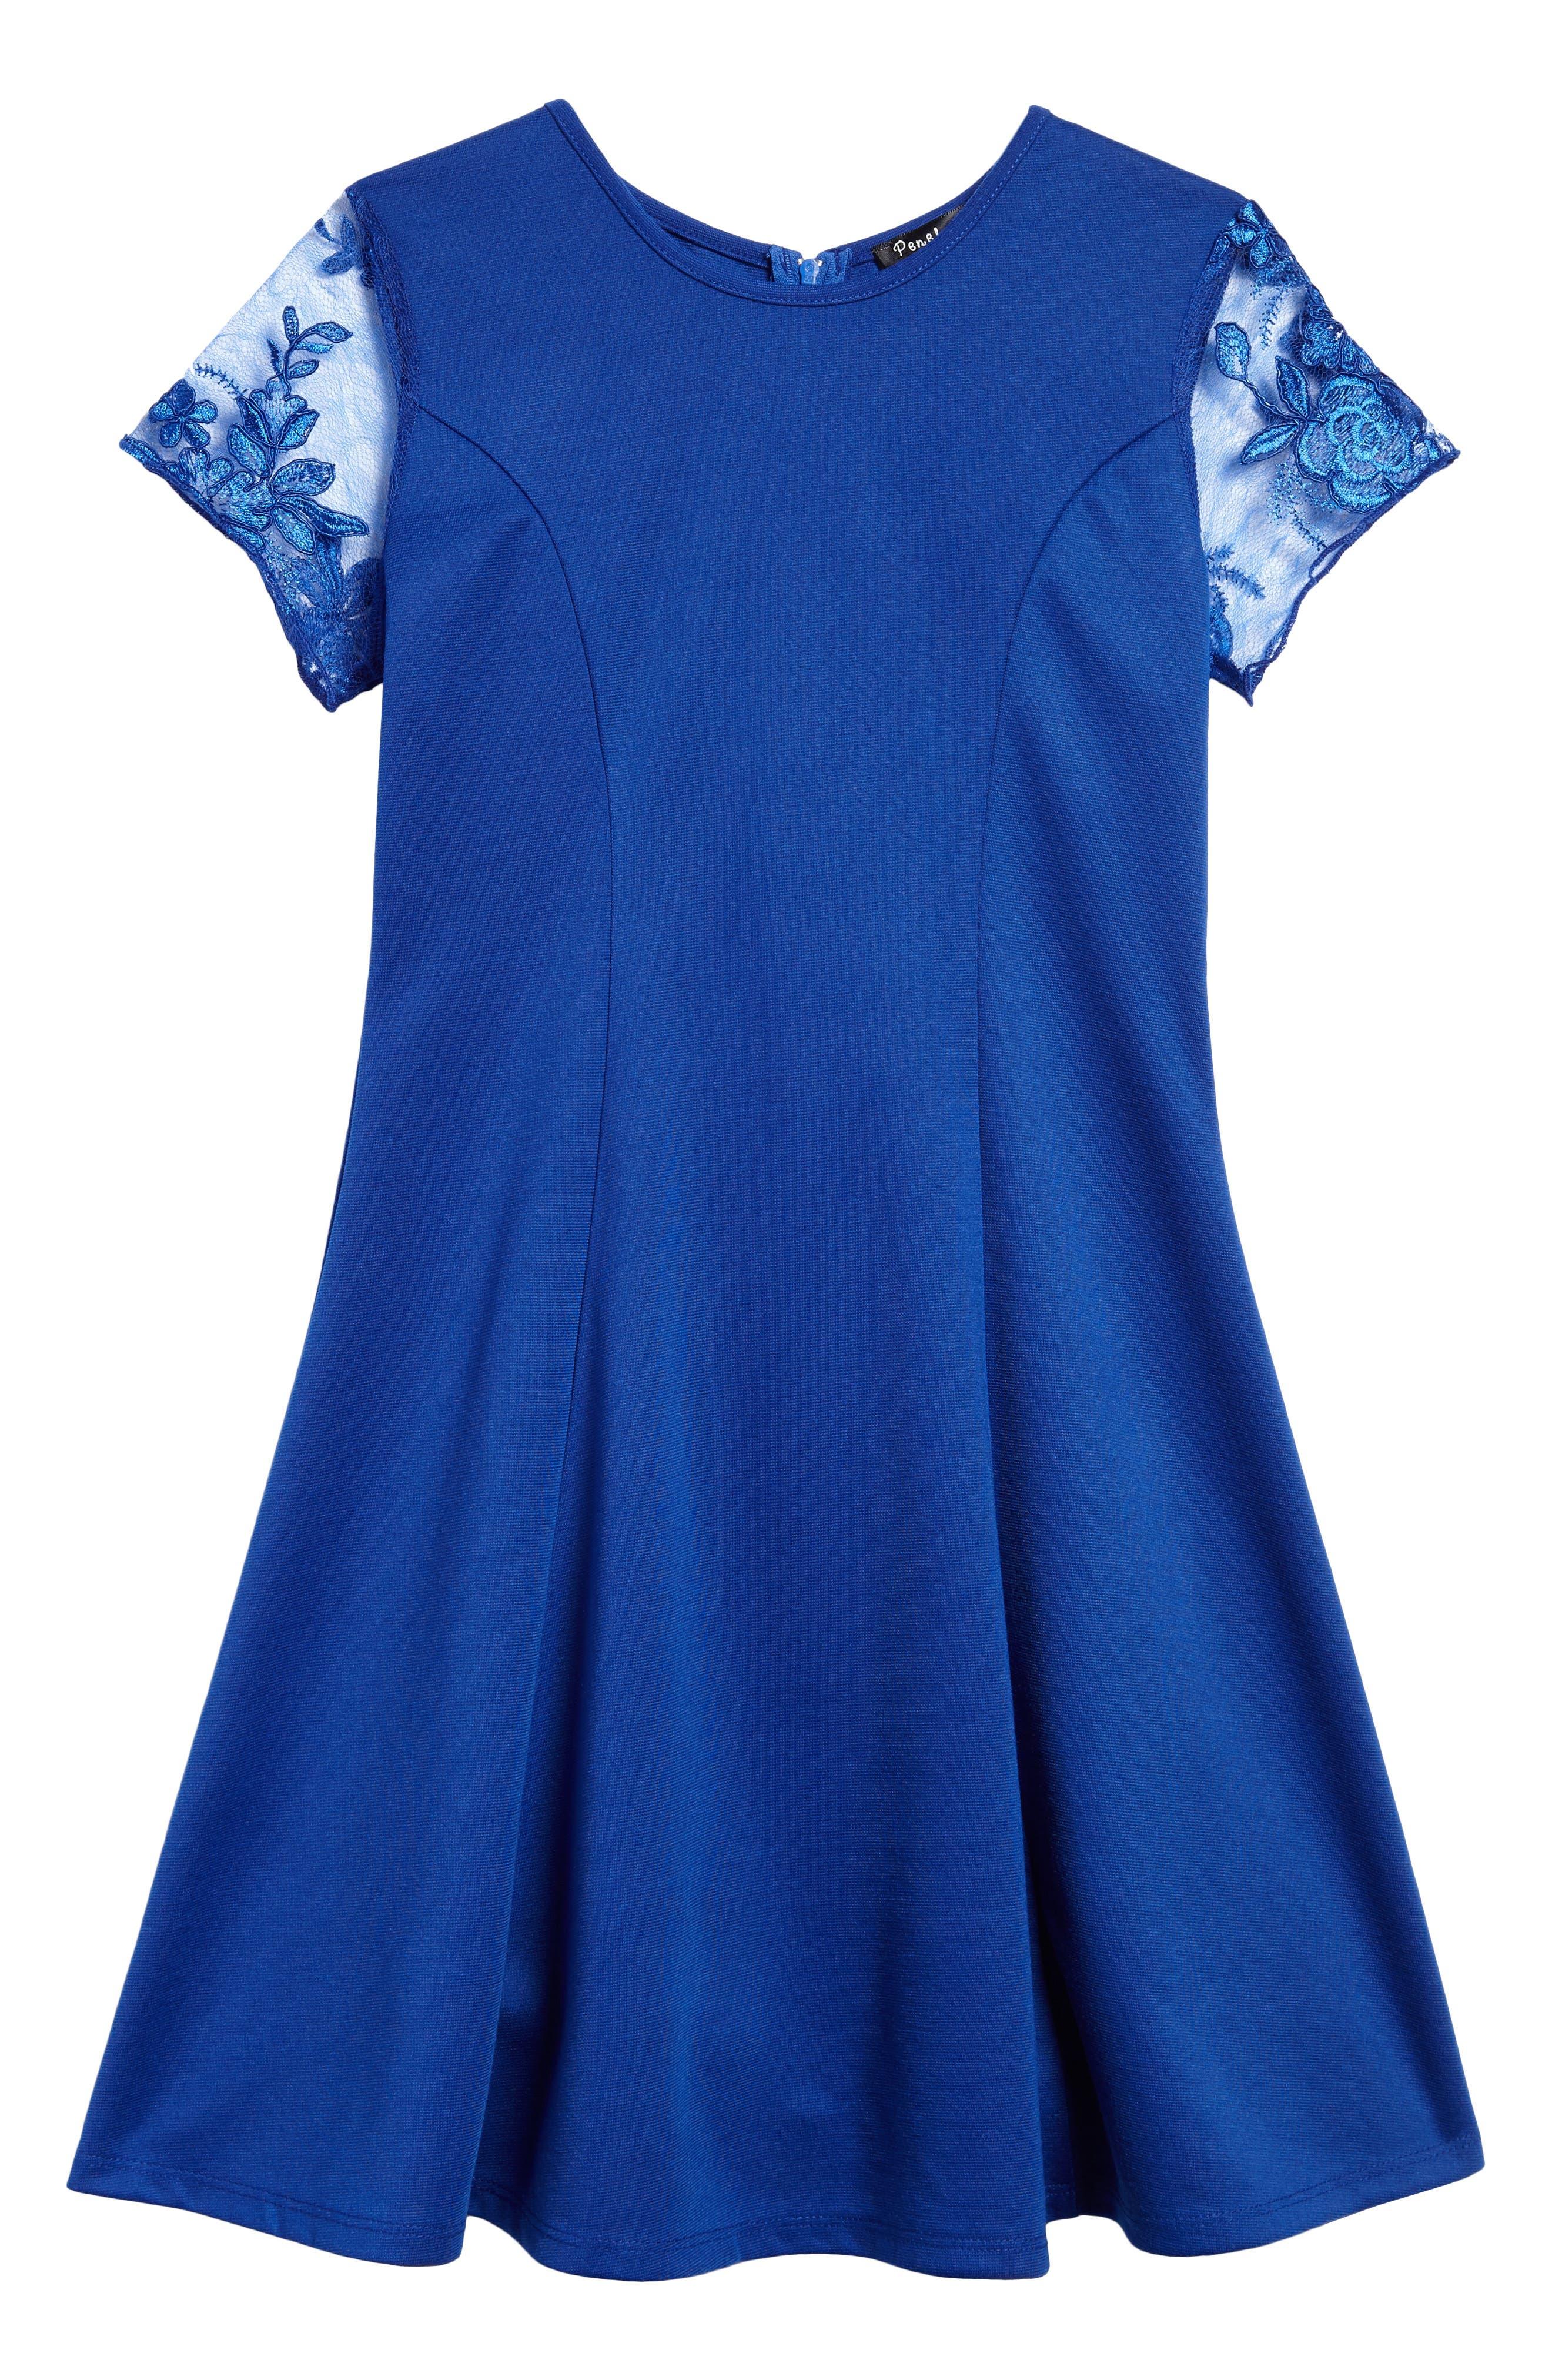 Priscilla Lace Sleeve Dress,                             Main thumbnail 1, color,                             Royal